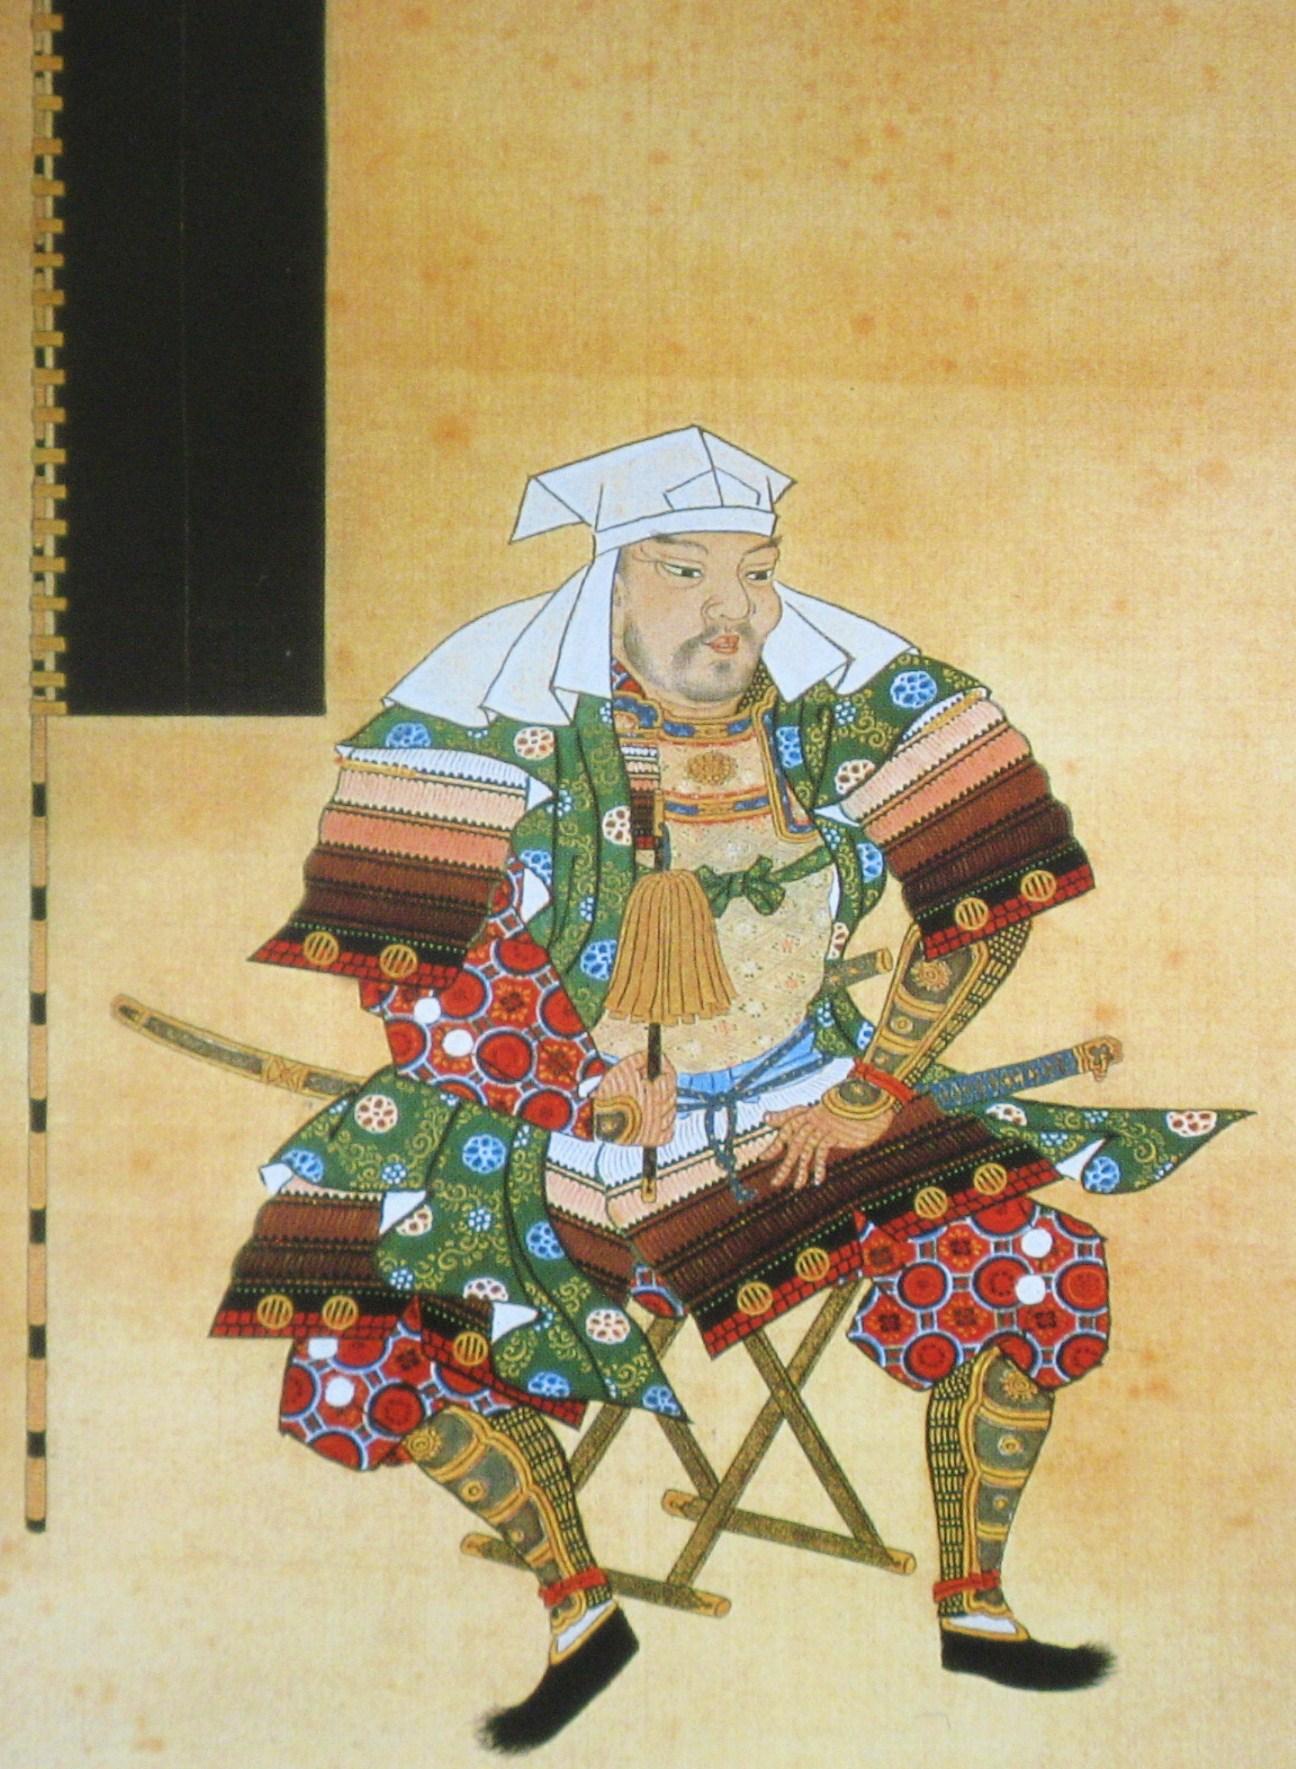 長谷川養辰「伊達輝宗像」(仙台市博物館蔵)